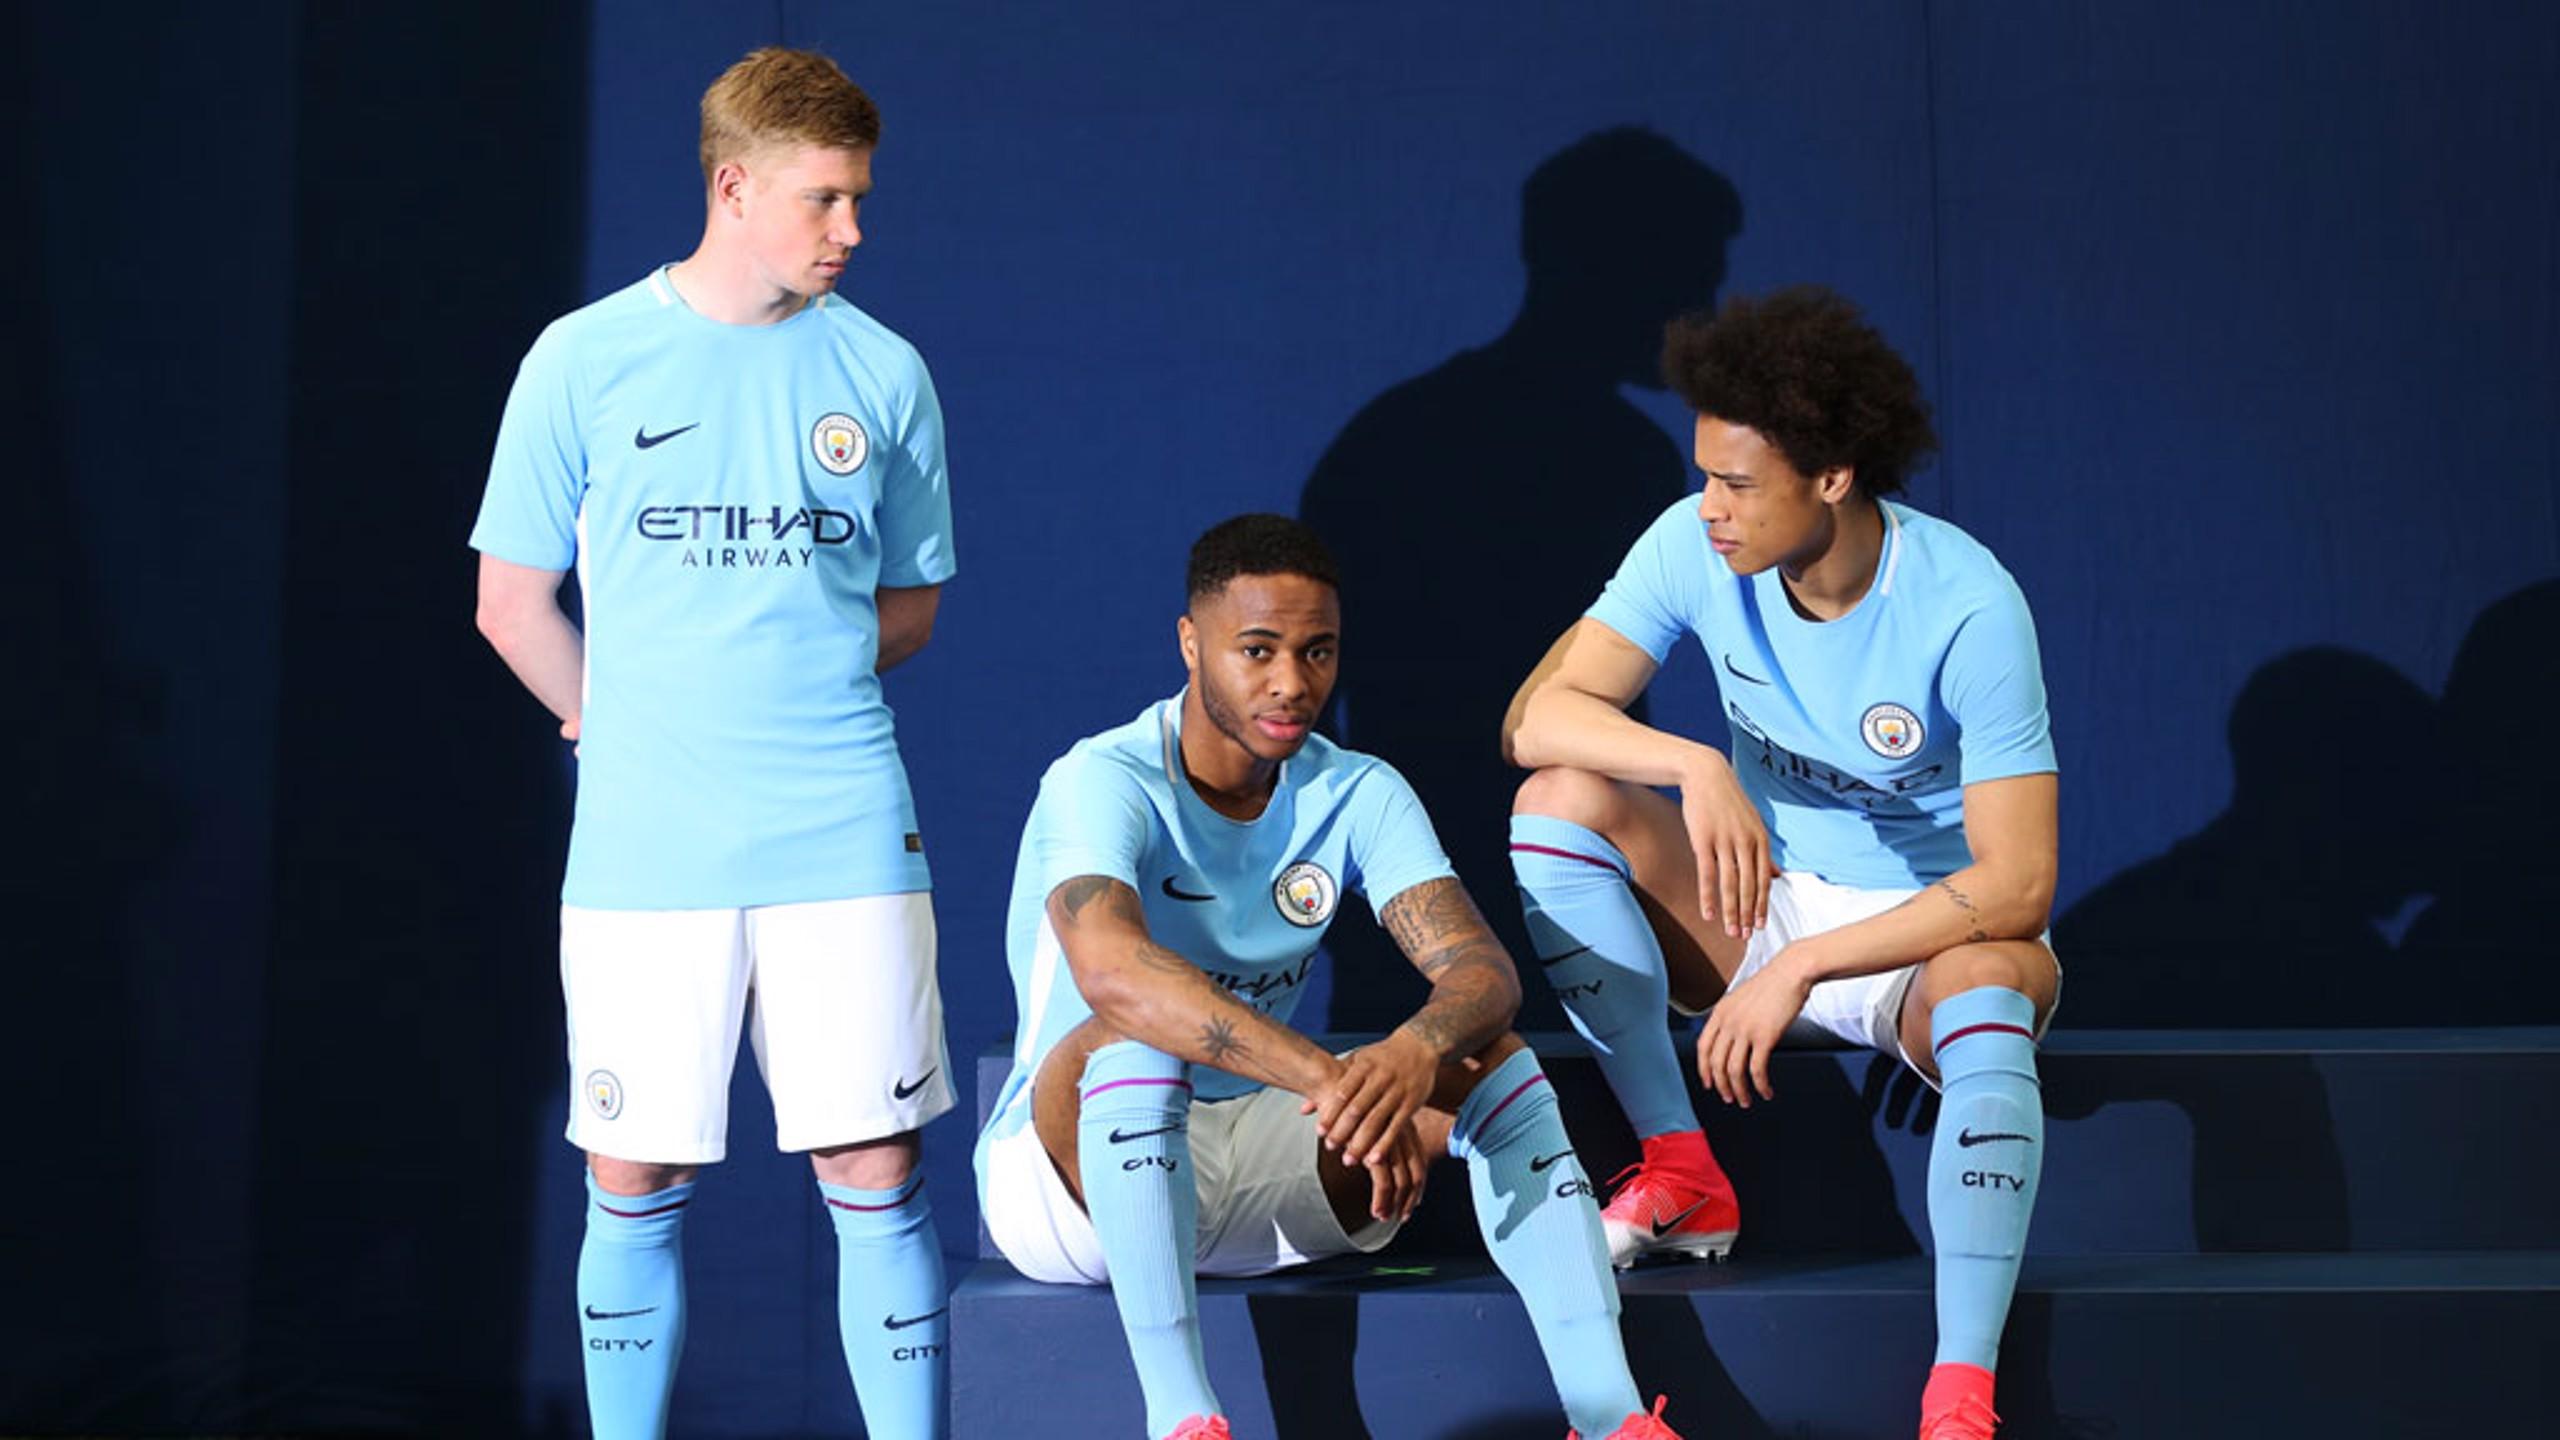 새 유니폼을 입고 포즈를 취하고 있는 세 선수들.